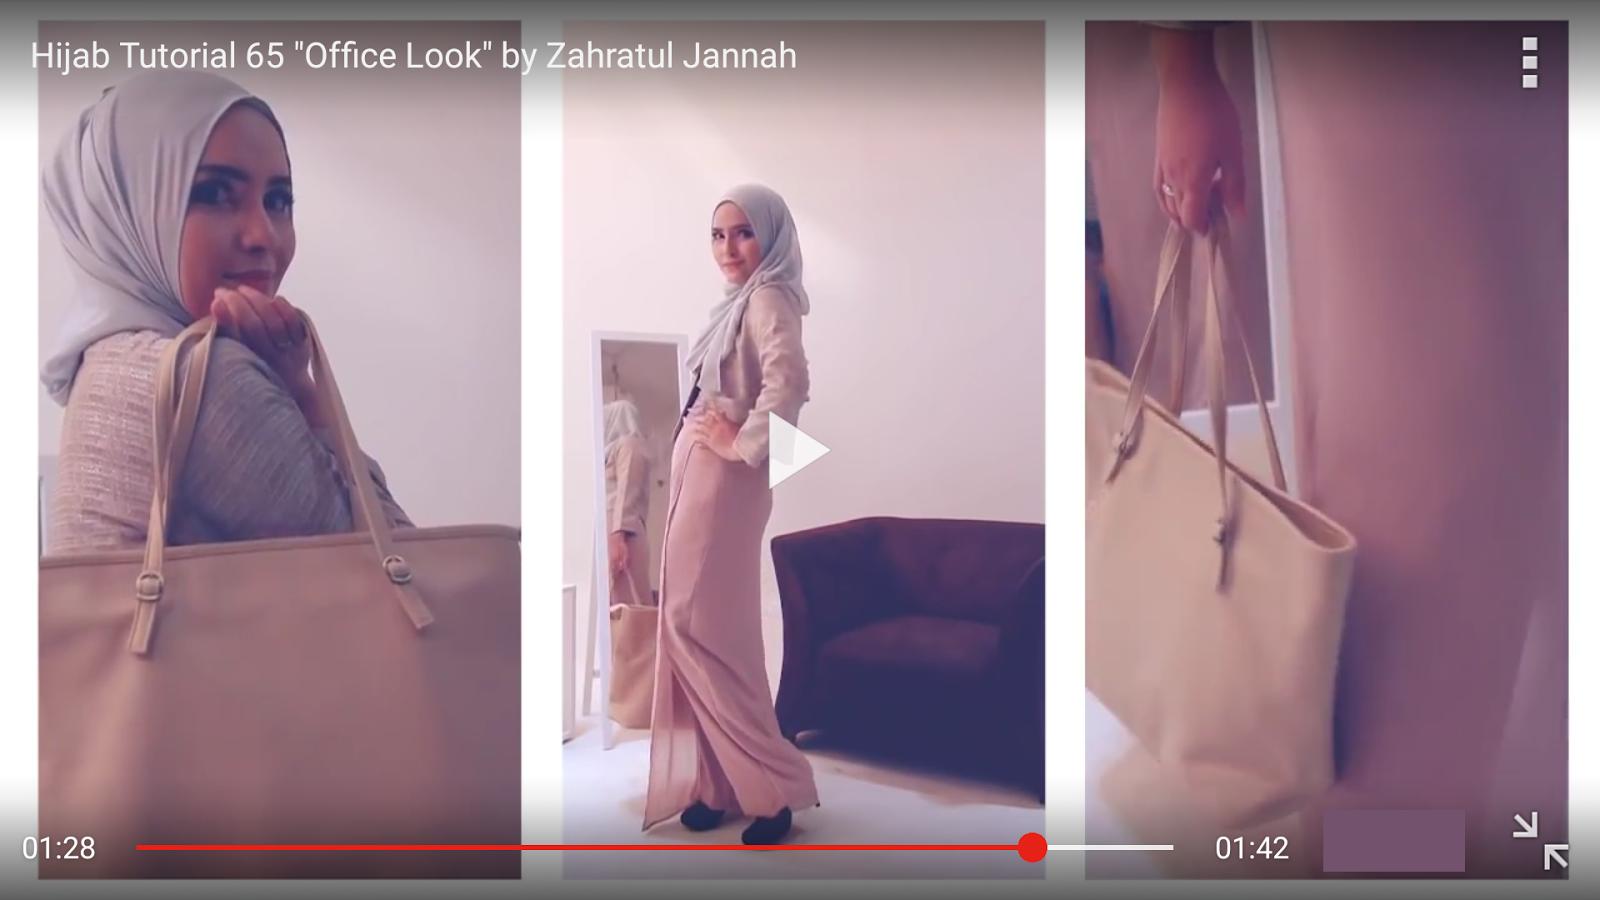 Hijab Tutorial Izinhlelo Ze Android Ku Google Play